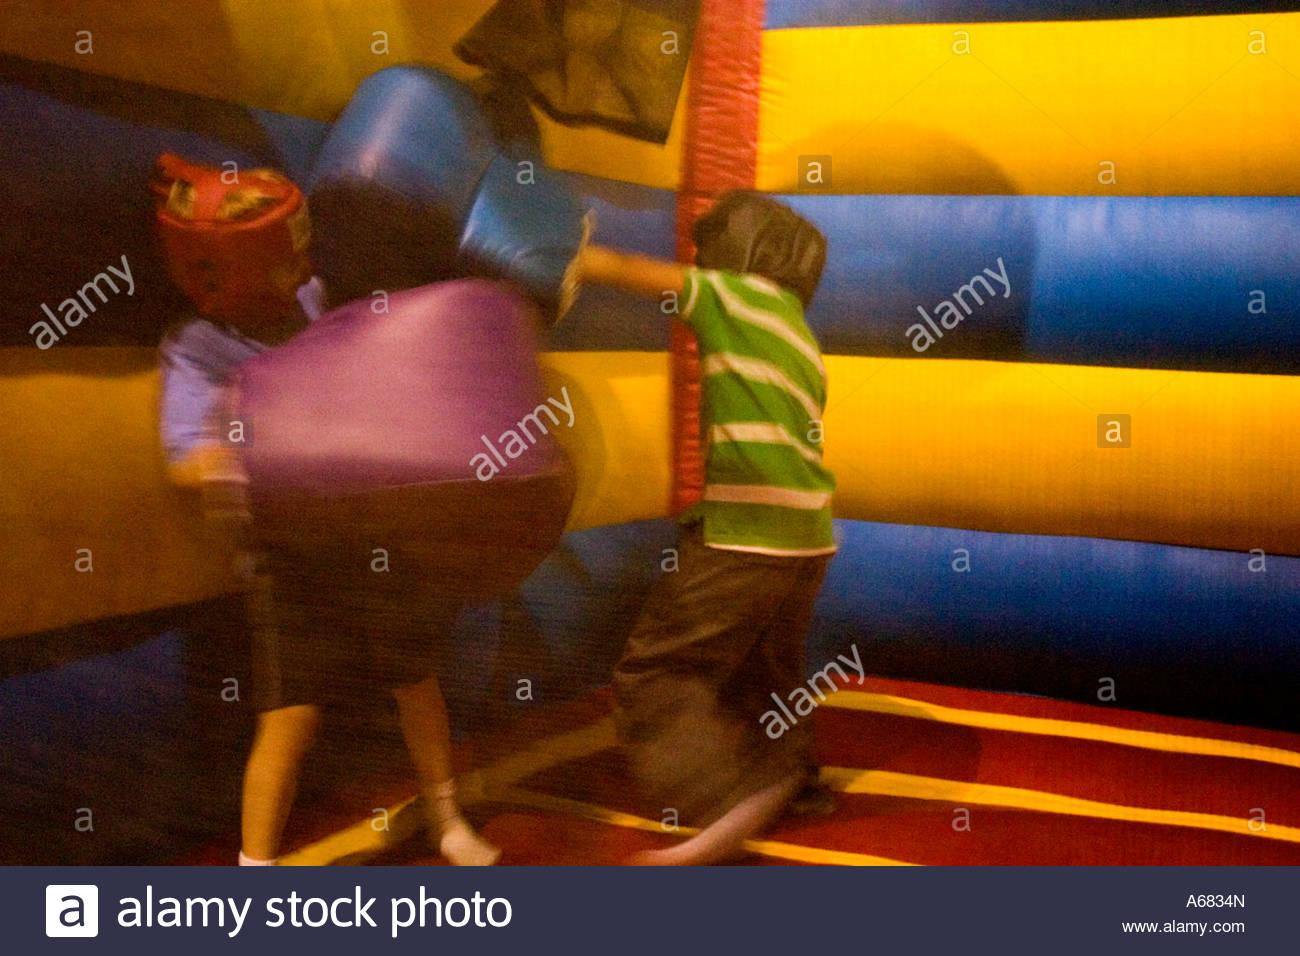 Les Garçons De 7 Ans La Boxe À Pump It Up - La Partie à Jeux Pour Enfant De 7 Ans